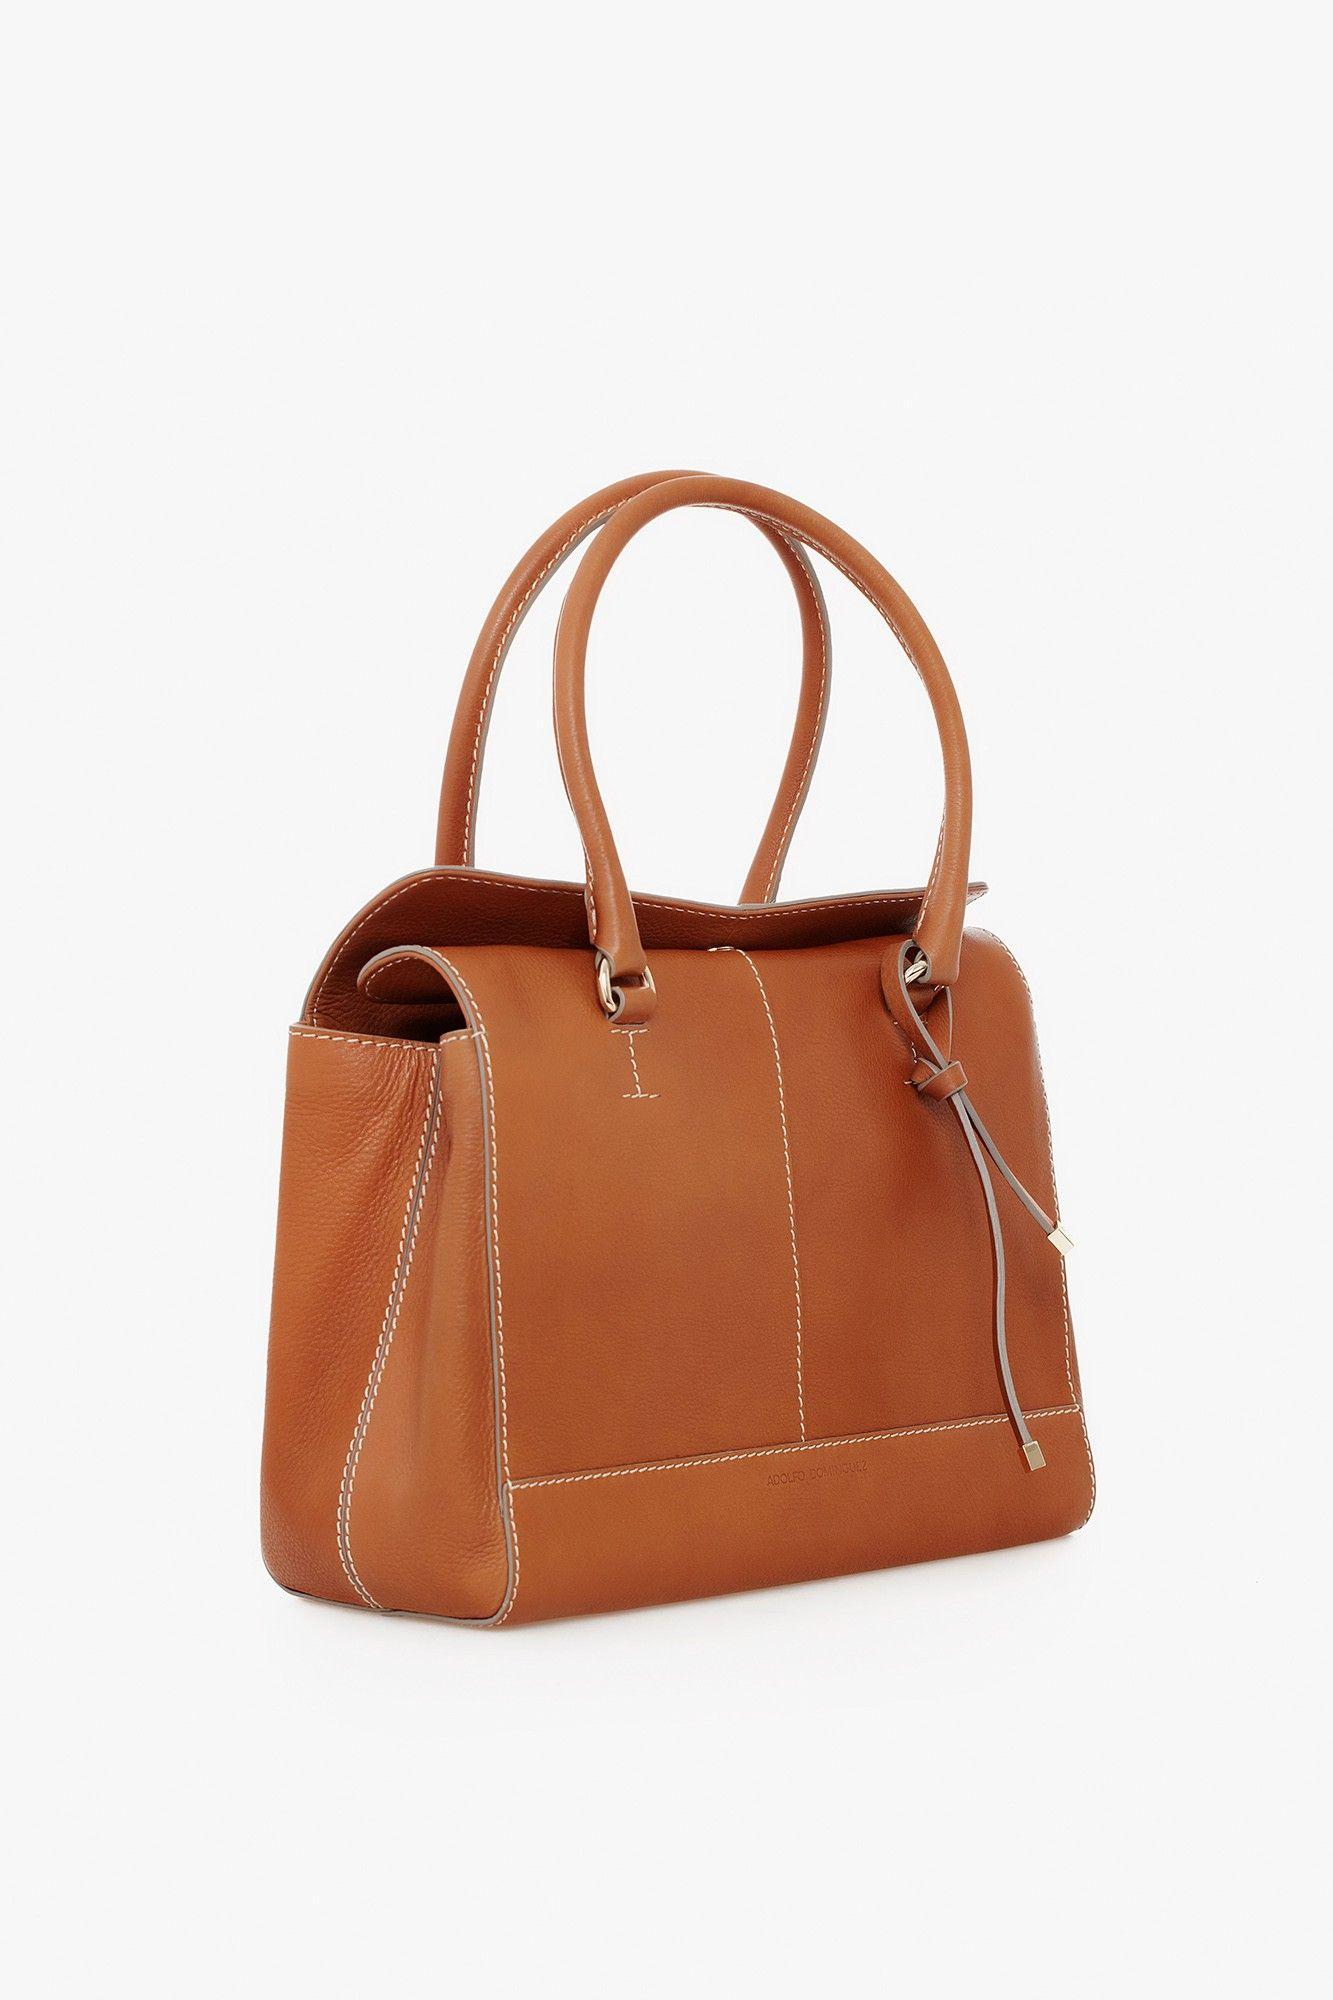 Satchel piel lilac maxi bolsos adolfo dominguez shop for Adolfo dominguez outlet online